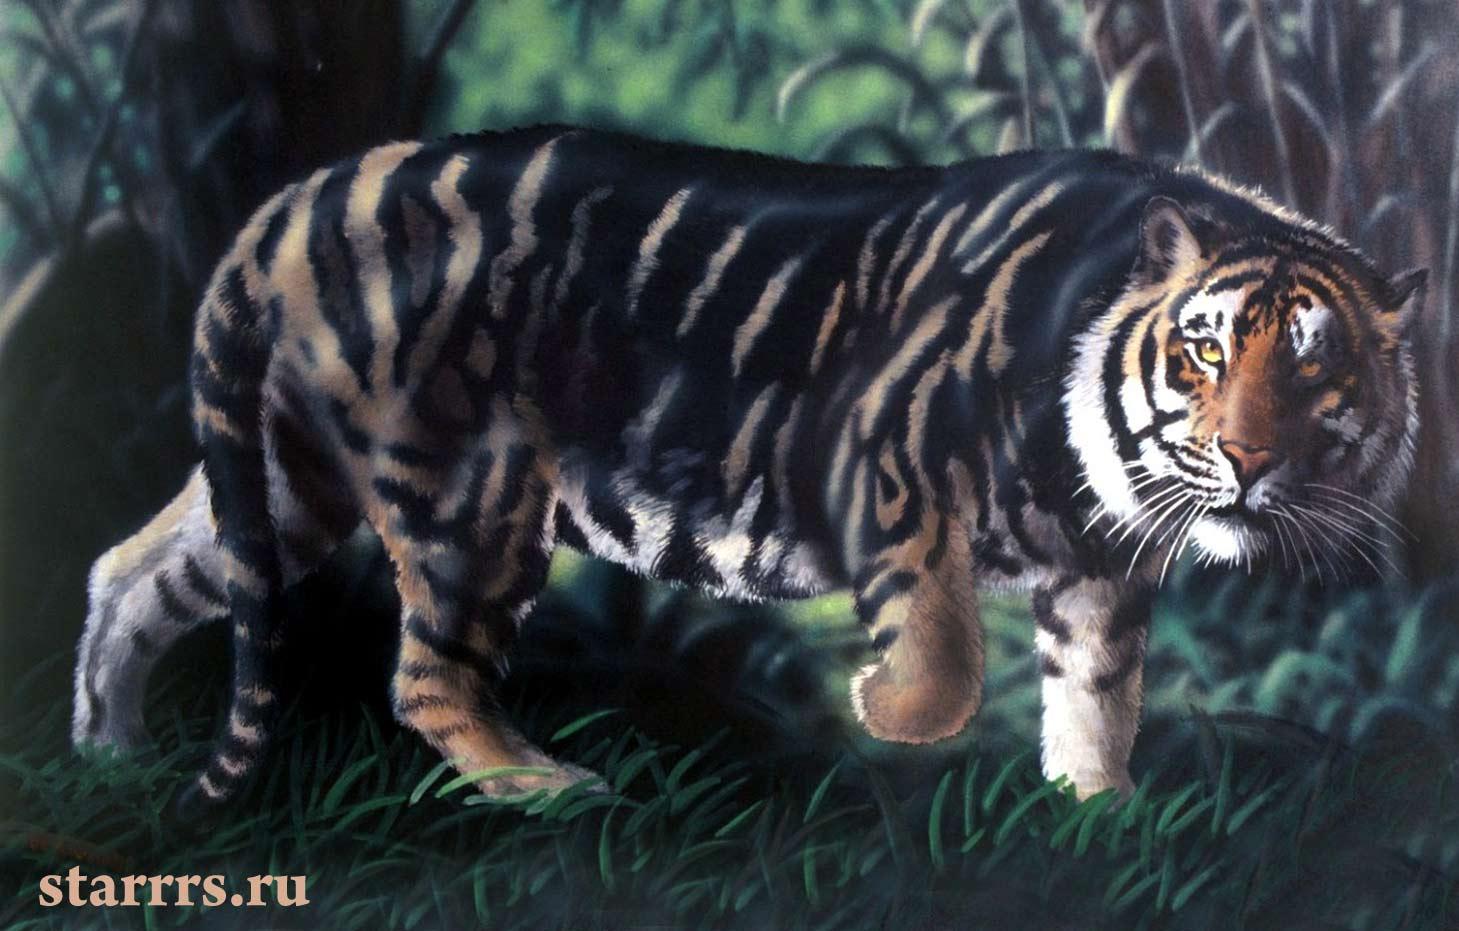 tigr_chyornyy_vodyanoy_tiger_black_water